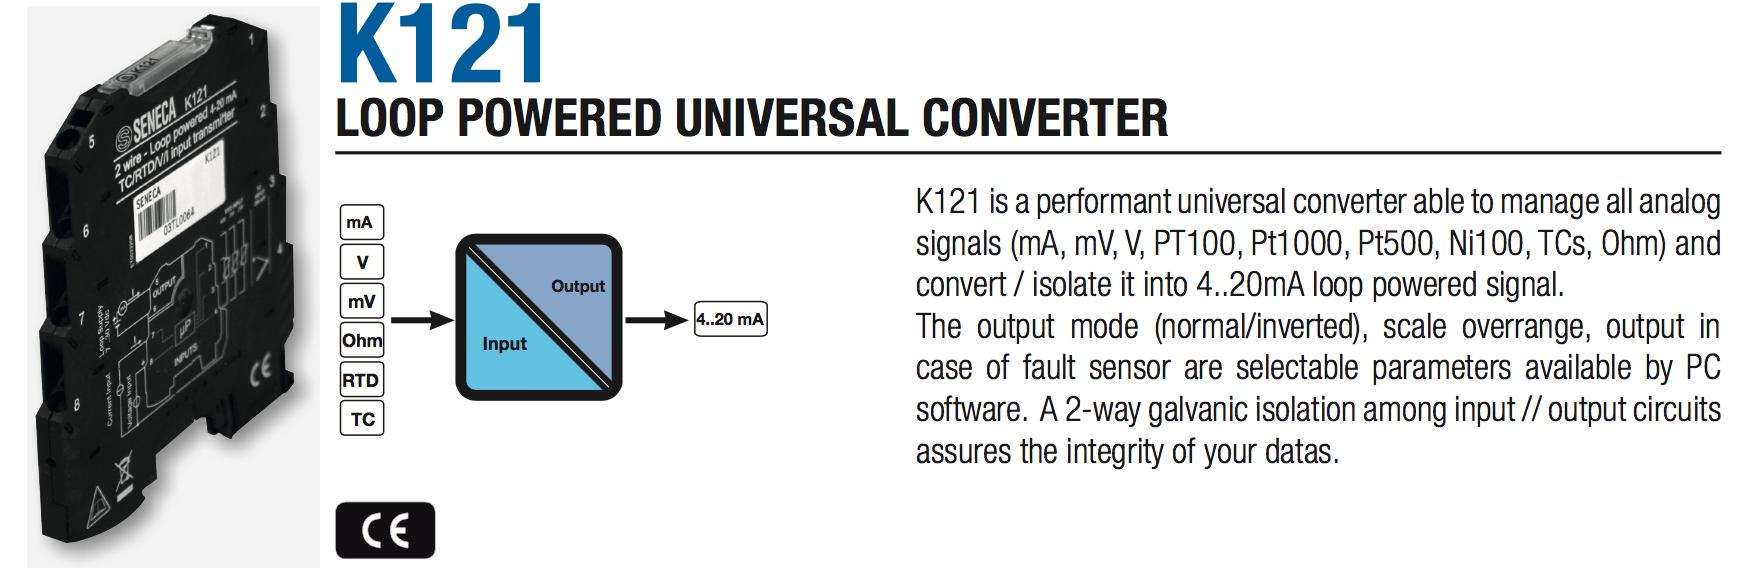 bộ chuyển đổi nhiệt độ pt100 K121 gắn din rail tủ điện